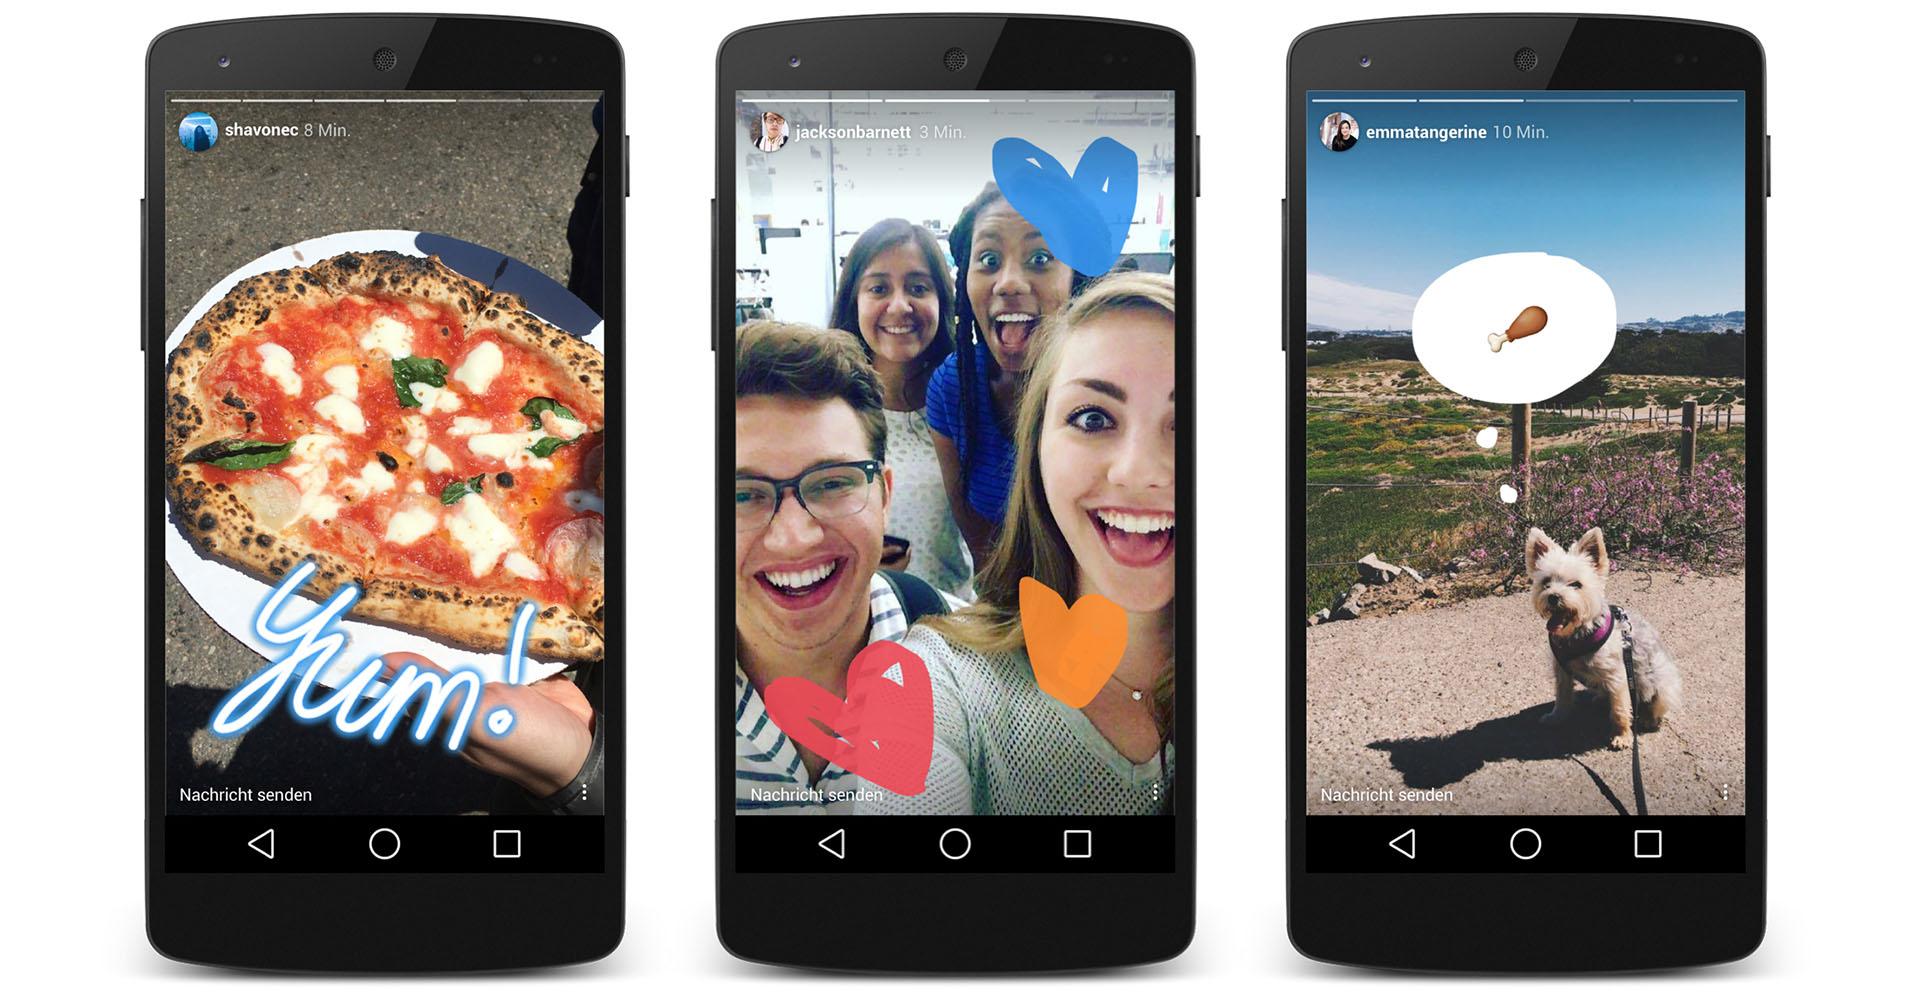 Beispiele für Instagram-Stories